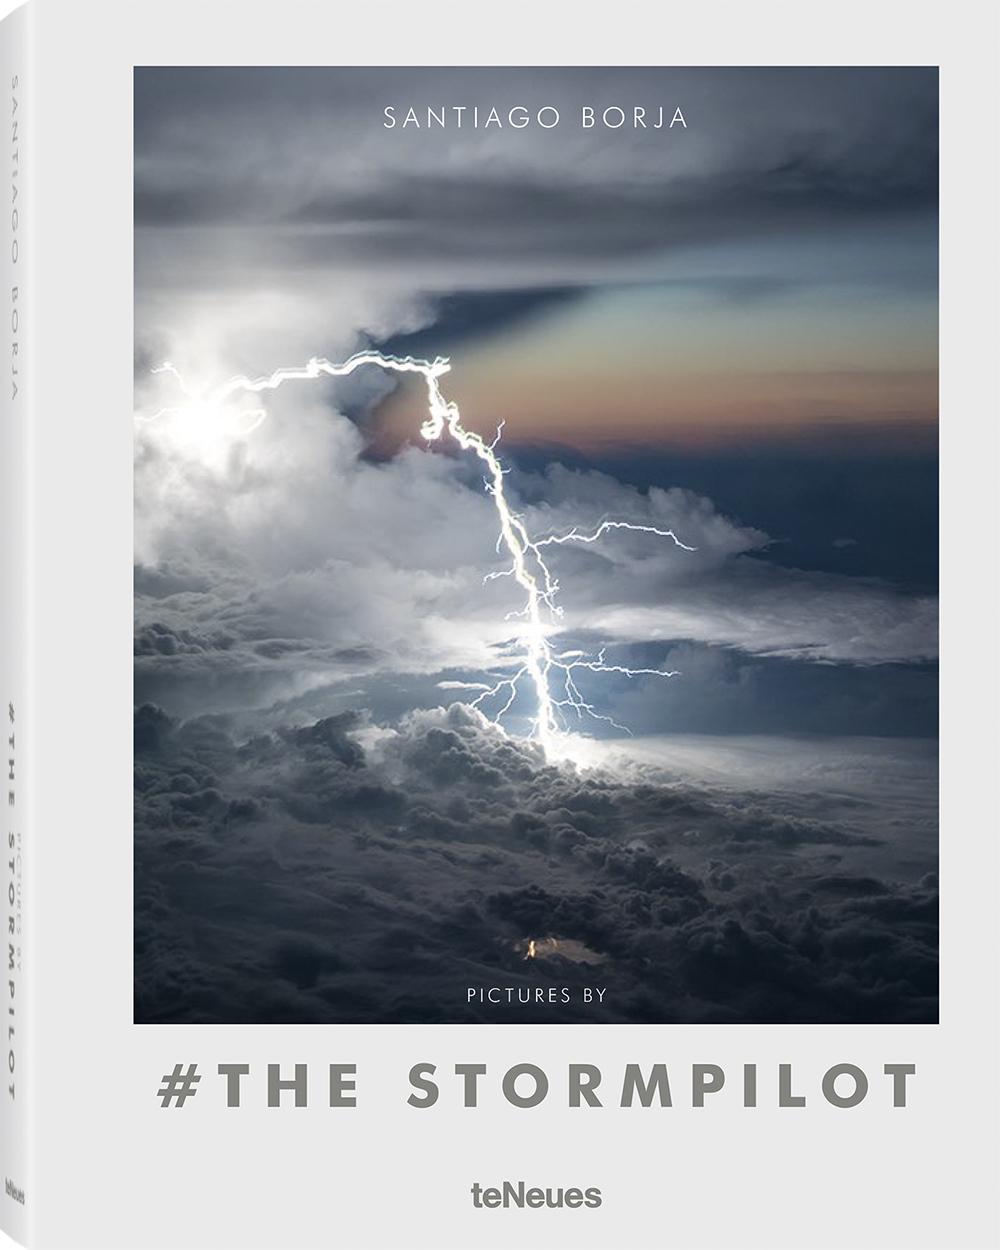 Το εξώφυλλο του βιβλίου «#The Storm Pilot» -του «Πιλότου της Καταιγίδας» όπως συνηθίζουν να αποκαλούν τον Μπόρχα